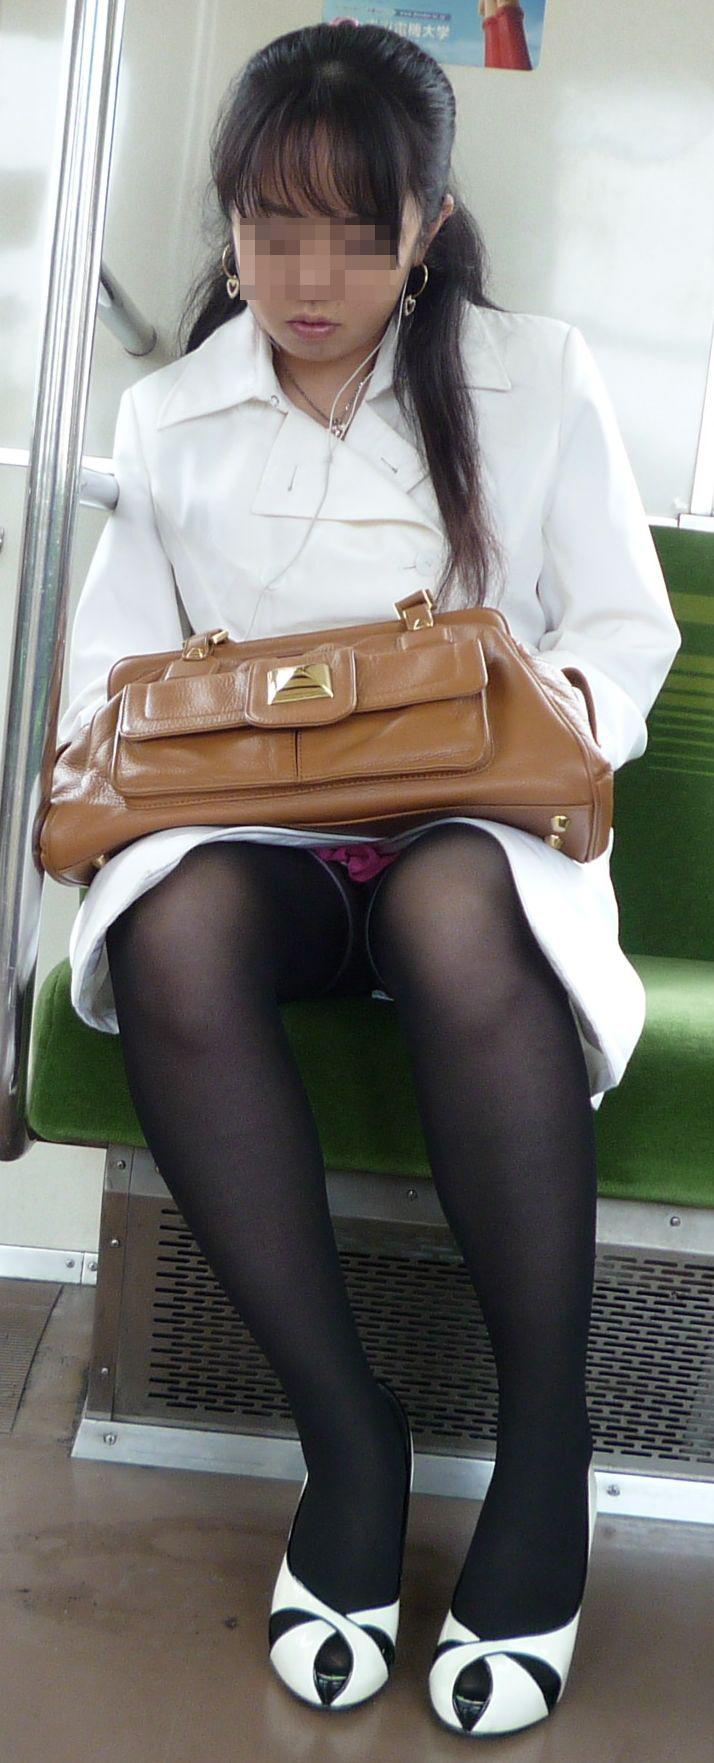 【パンチラエロ画像】対面さえとれば後はこっそり…電車内のパンチラ観察www 13